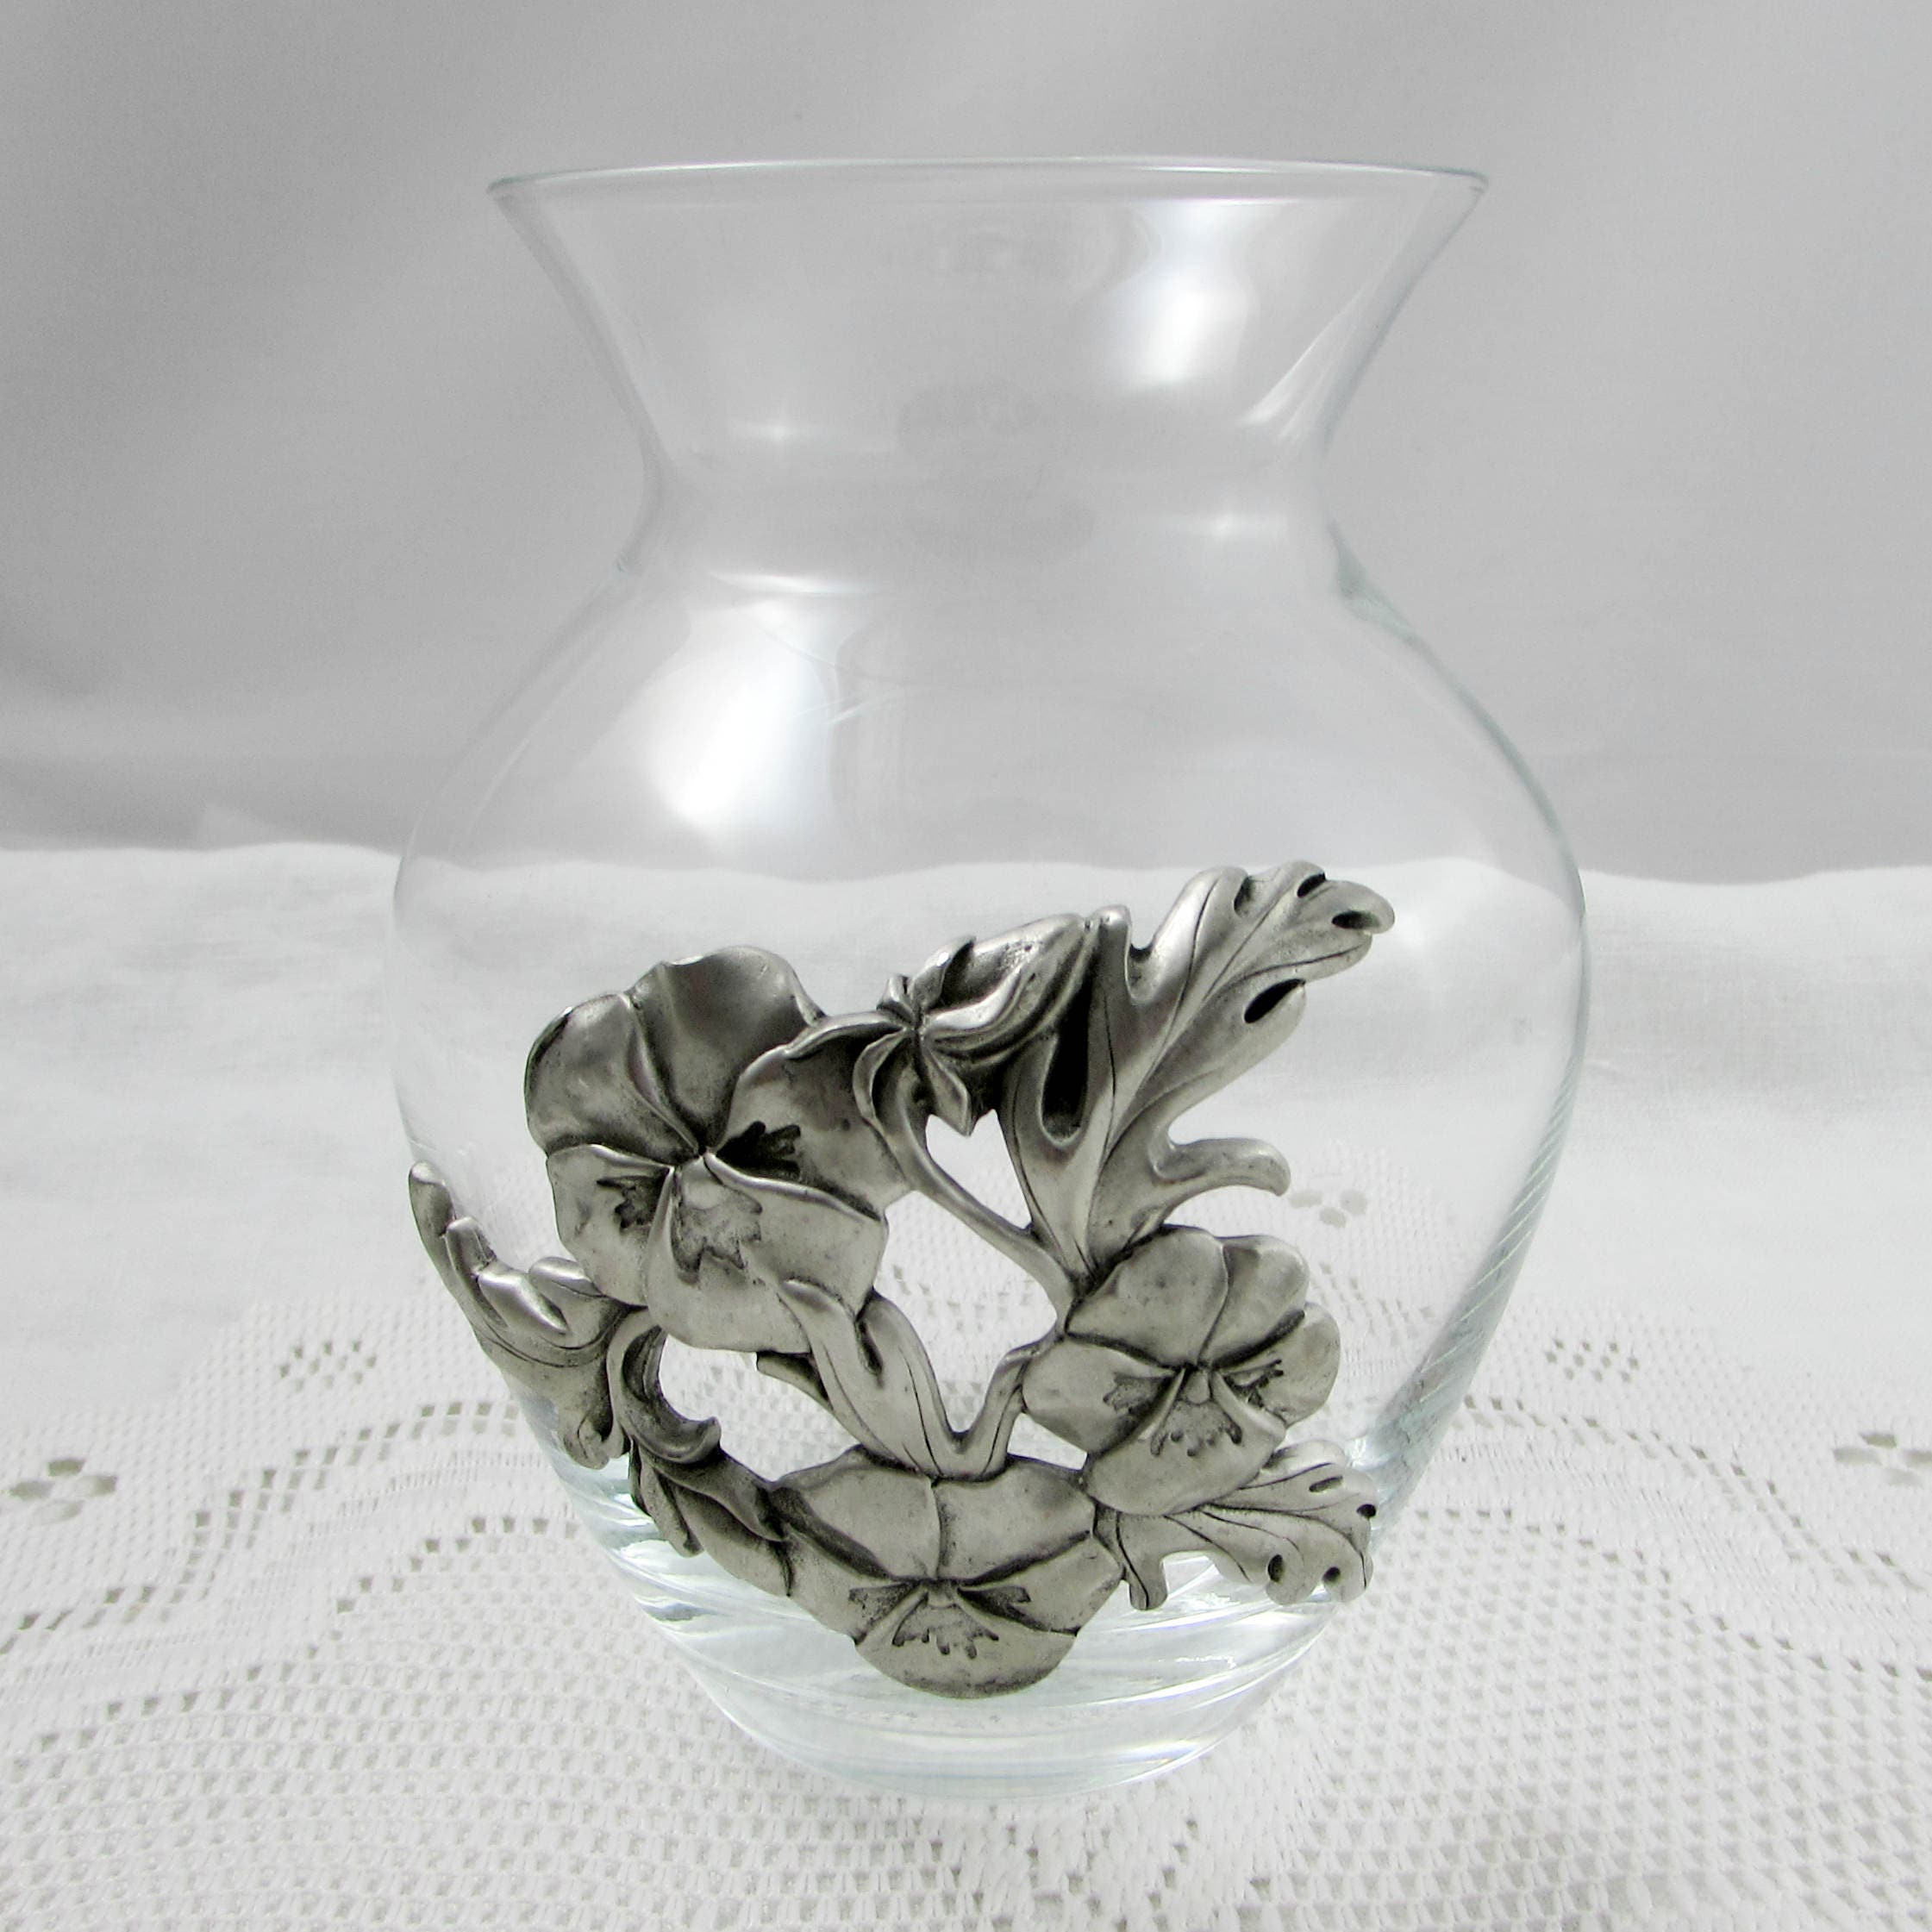 Seagull pewter flower vase vintage 55 inch tall vase glass vase reviewsmspy